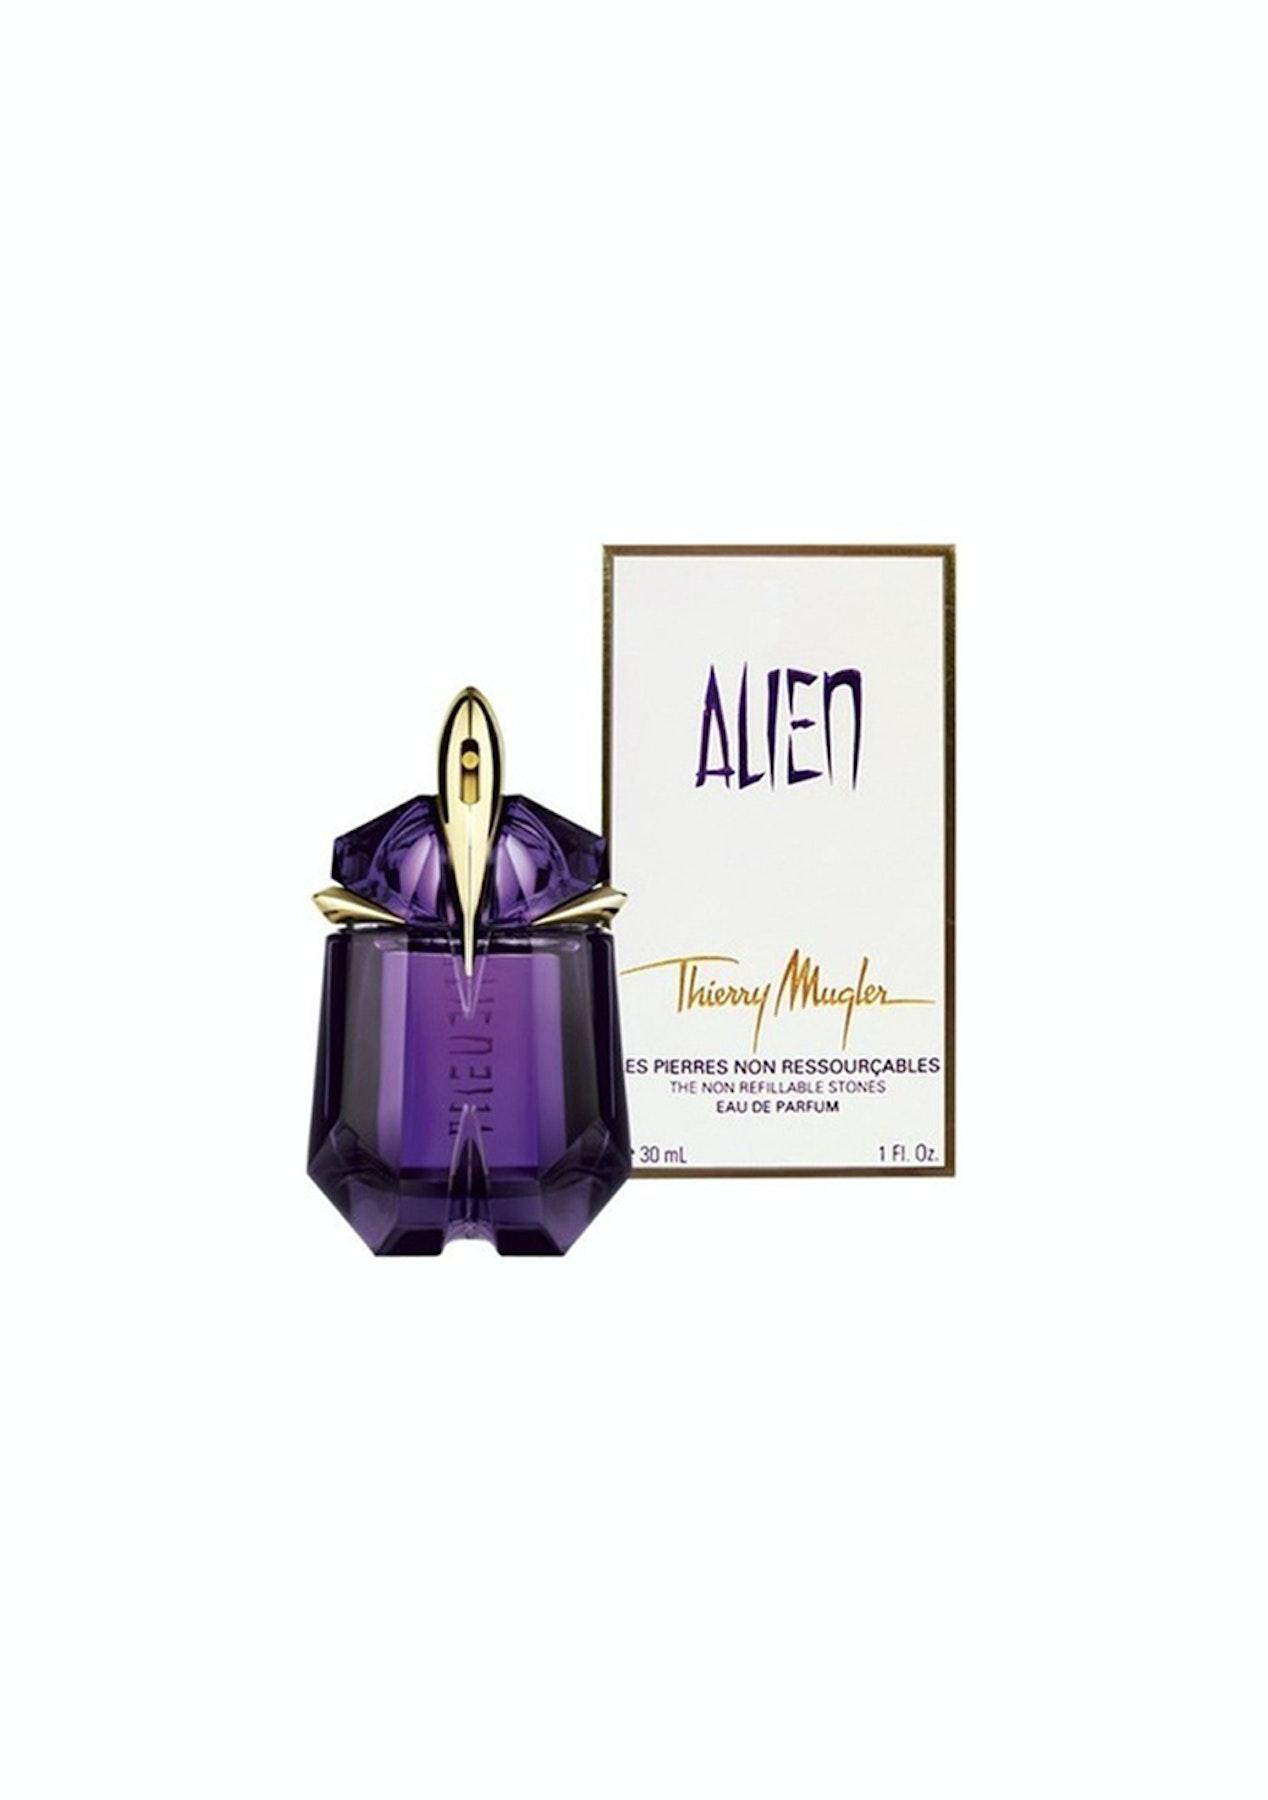 1e05470e0 Thierry Mugler Alien EDP Spray Non-Refillable 30ml - Free Shipping  Fragrance - Onceit